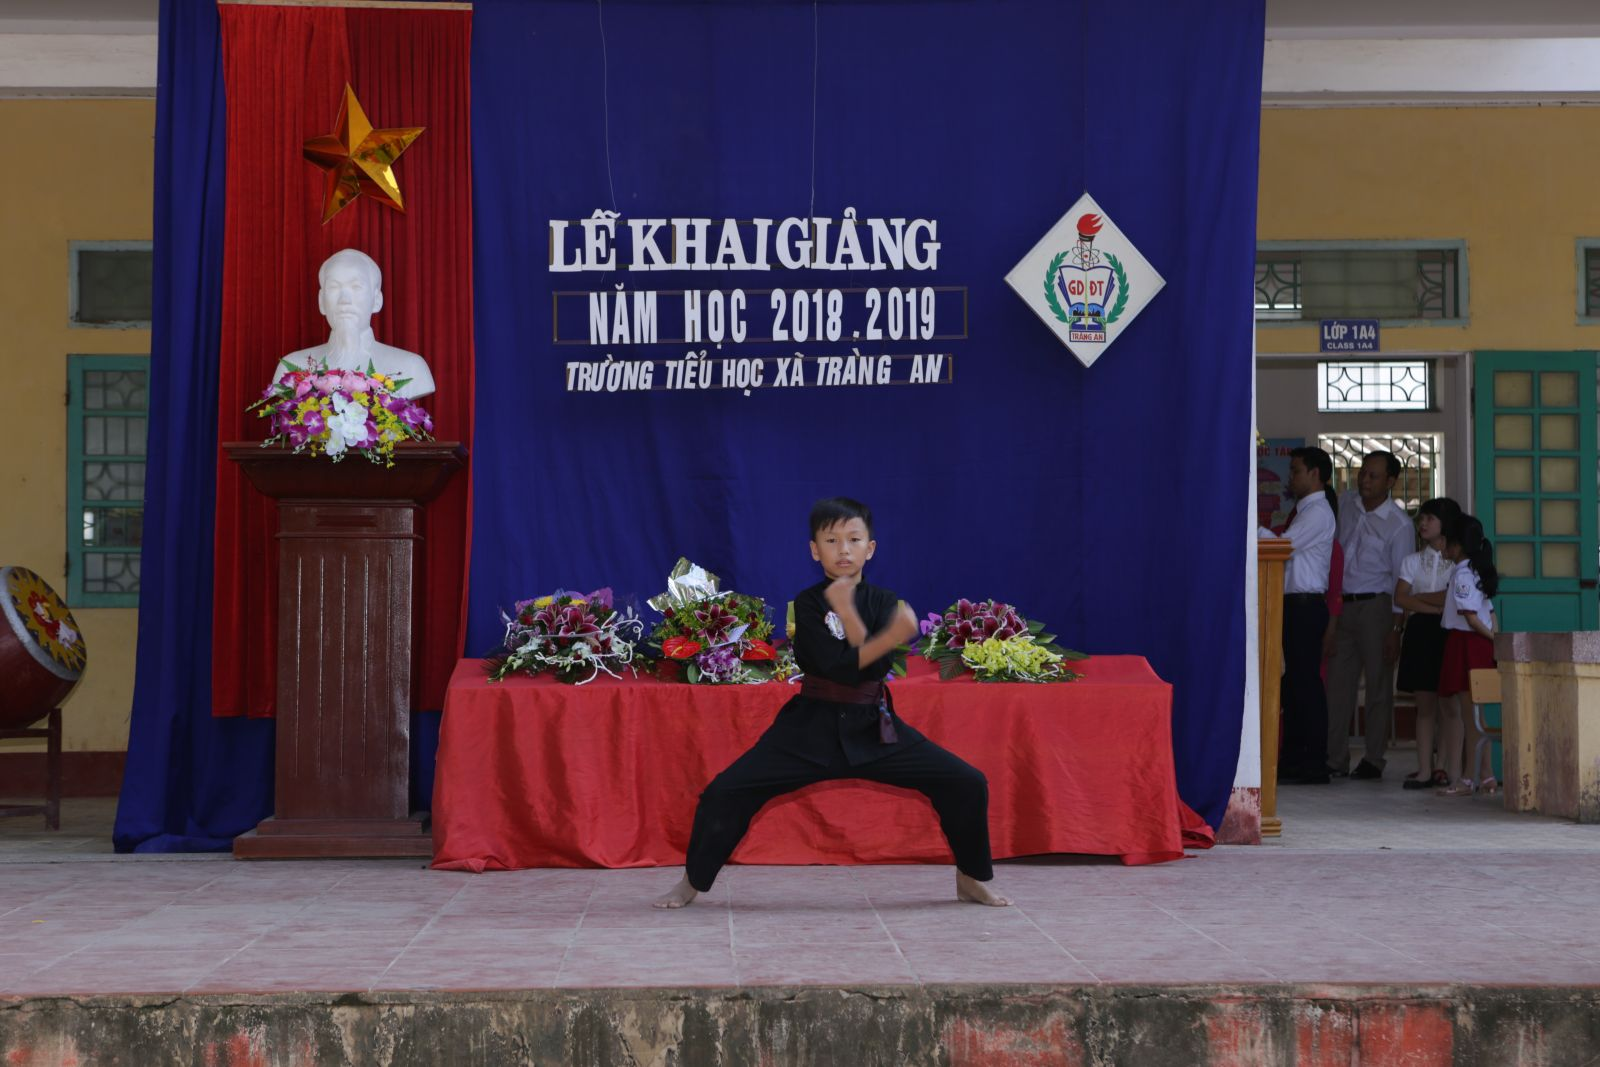 Phần Hội của buổi lễ hội khai giảng